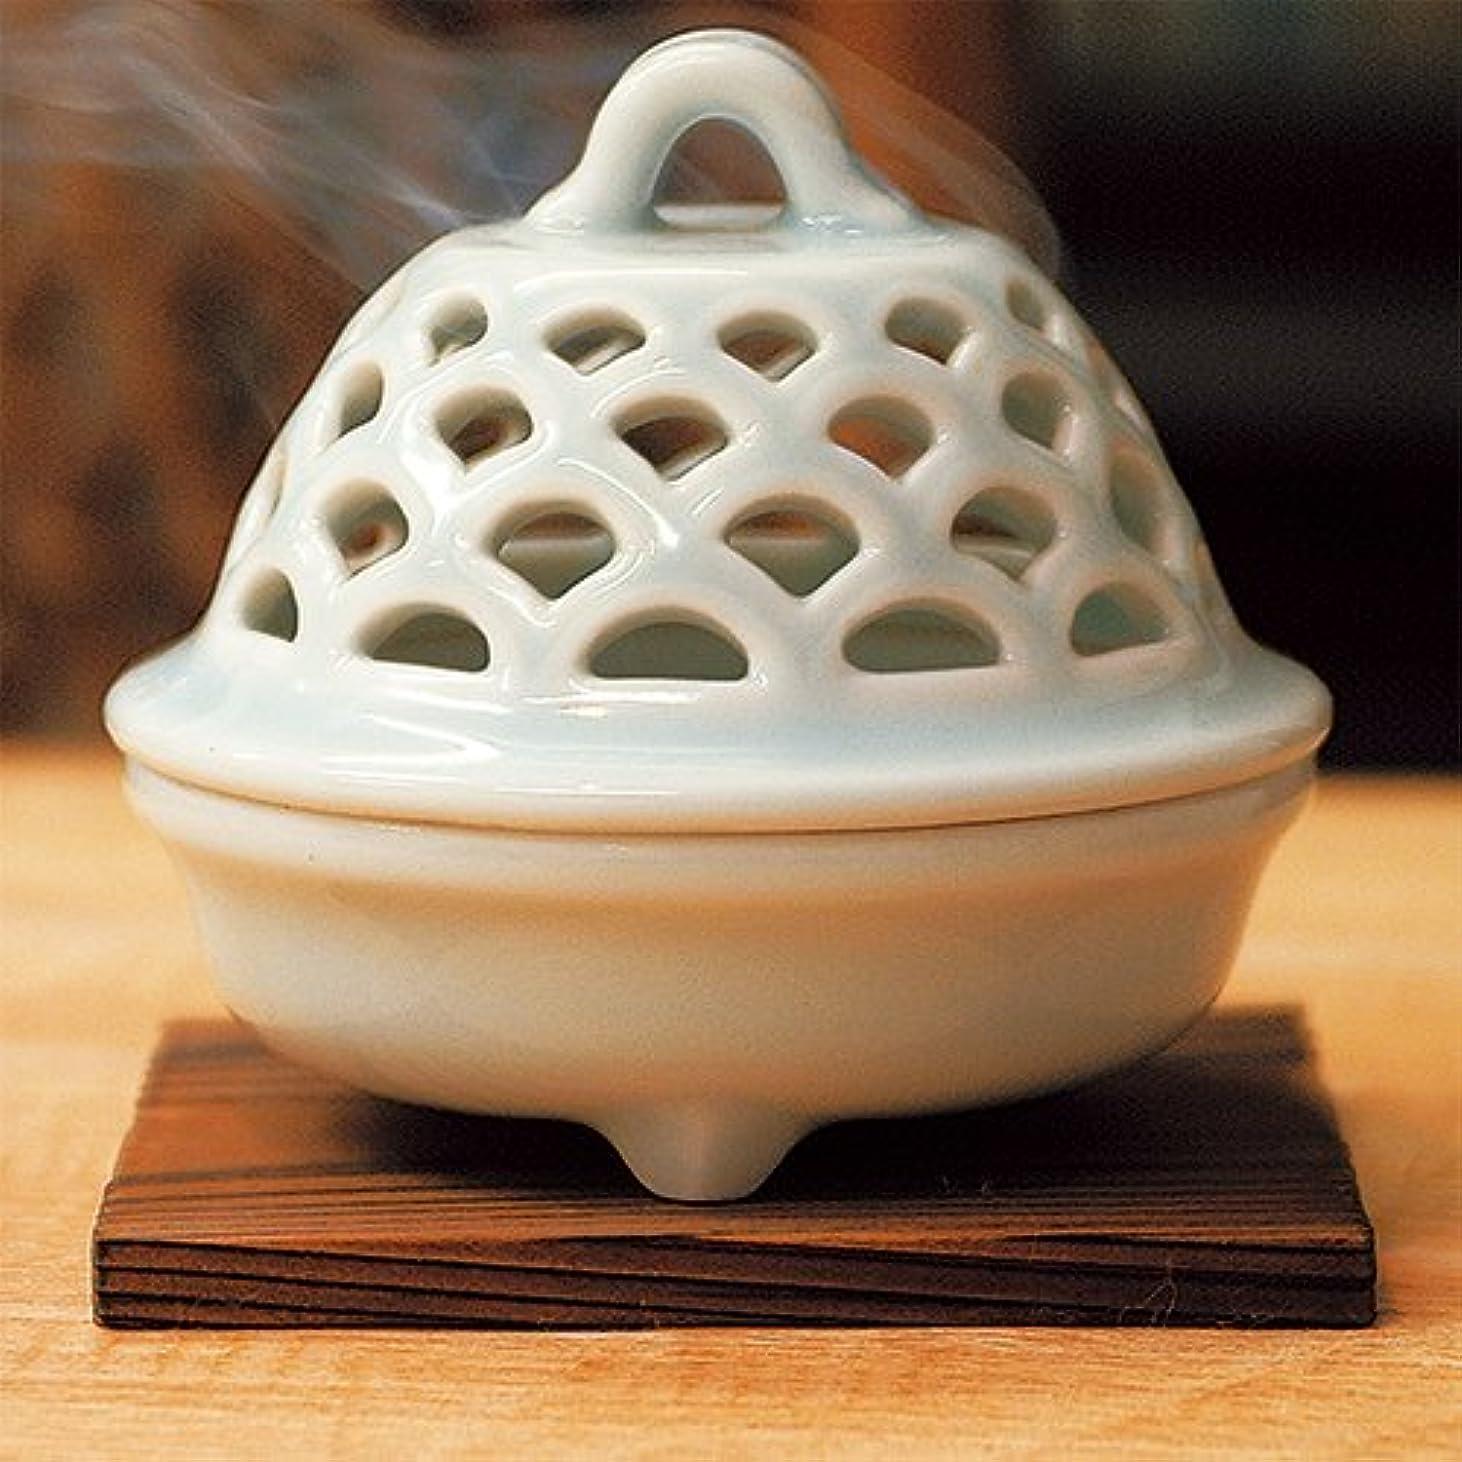 ボイド奪う篭香炉 青磁 透し彫り 香炉 [R9.5xH9cm] プレゼント ギフト 和食器 かわいい インテリア